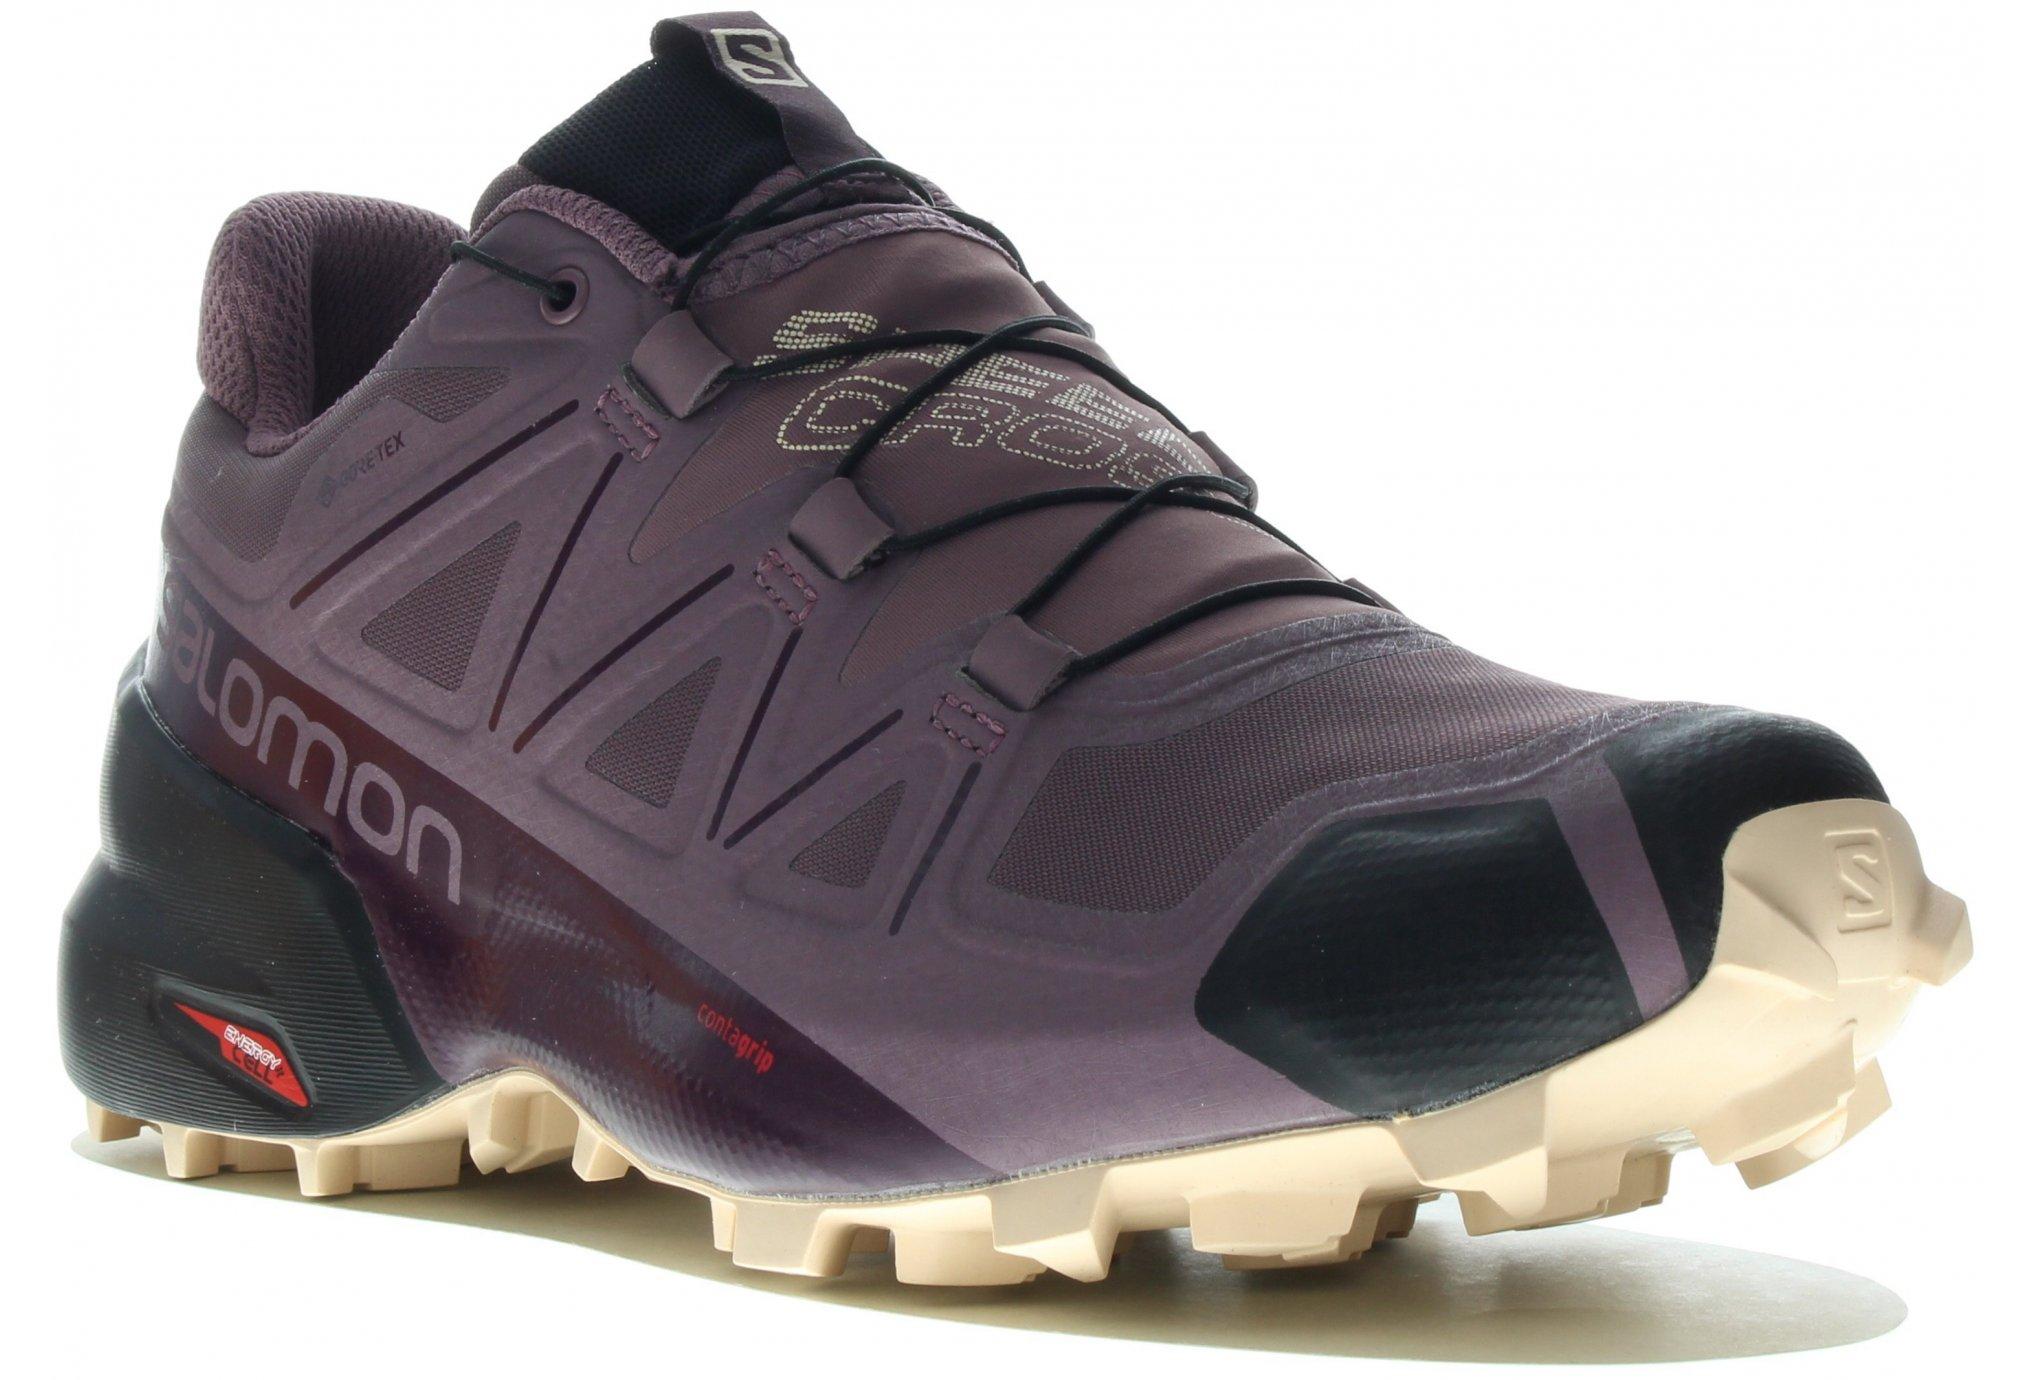 Salomon Speedcross 5 Gore-Tex W Chaussures running femme